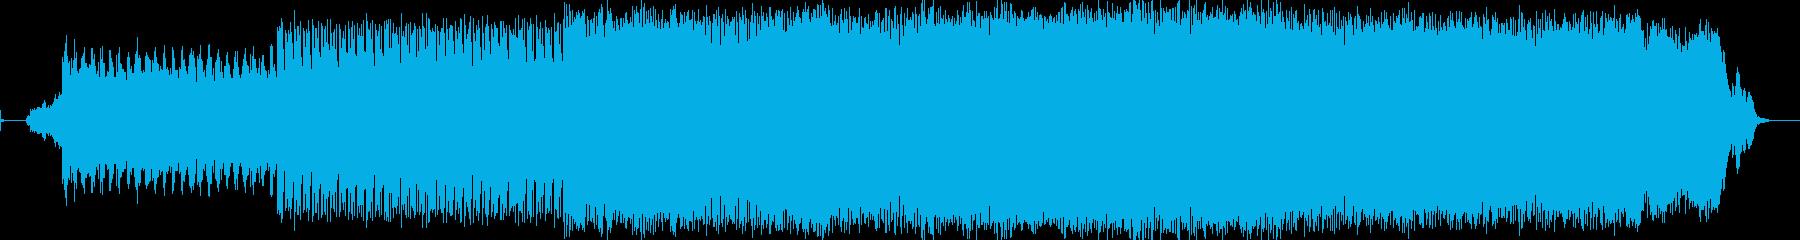 電気楽器。暗い、スペーシーな溝。 ...の再生済みの波形